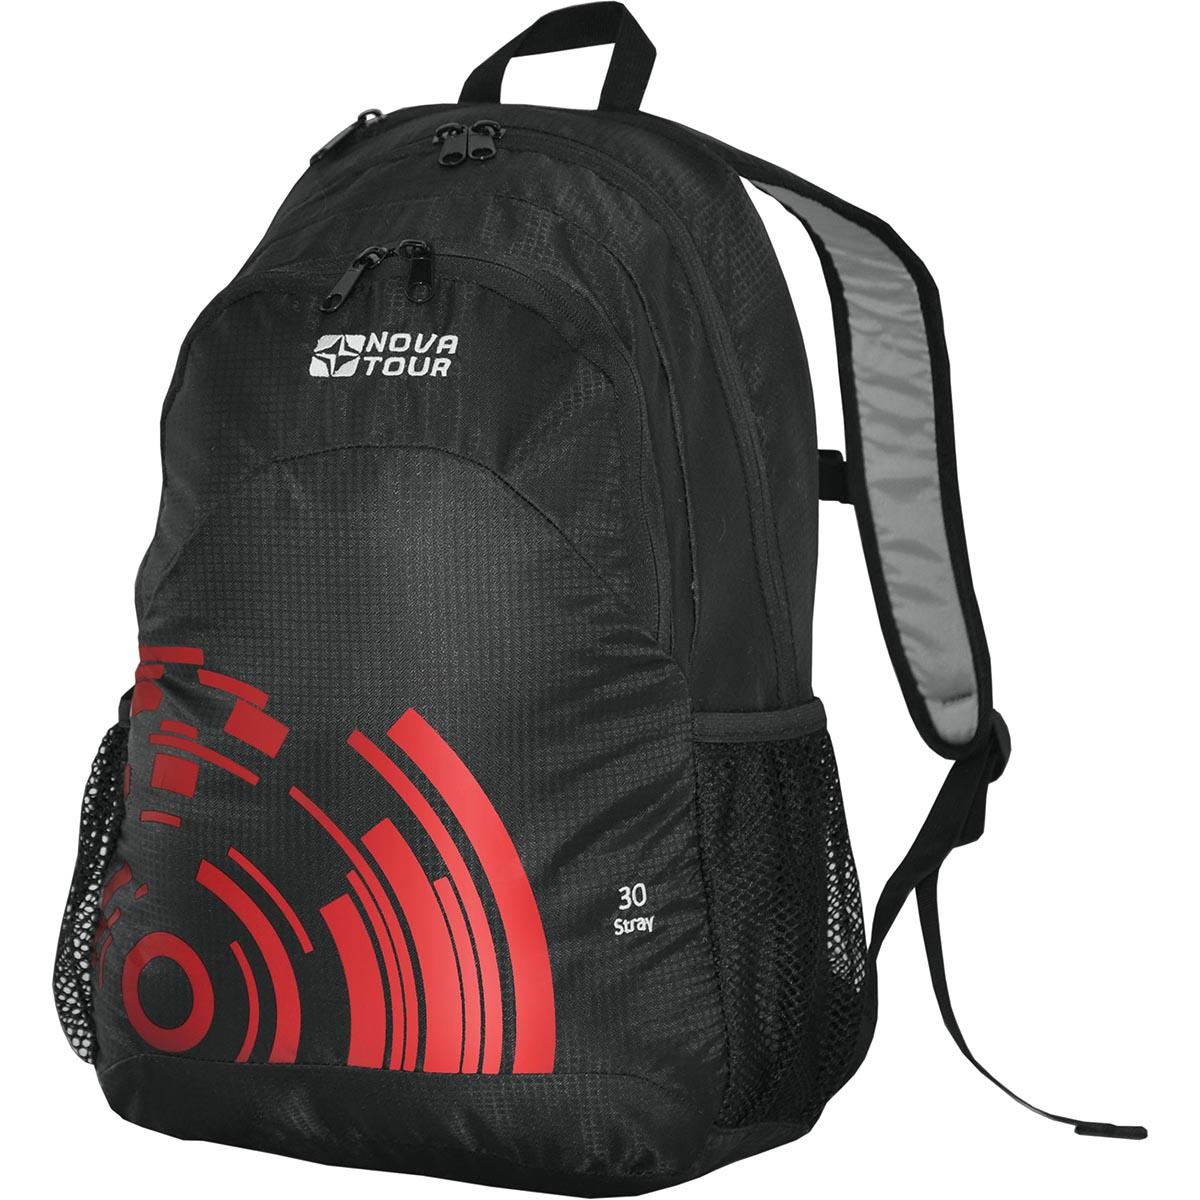 Рюкзак городской Nova Tour Стрэй 30, цвет: черный, красный, 24 л инвентарь для турпоходов blog tour pe007